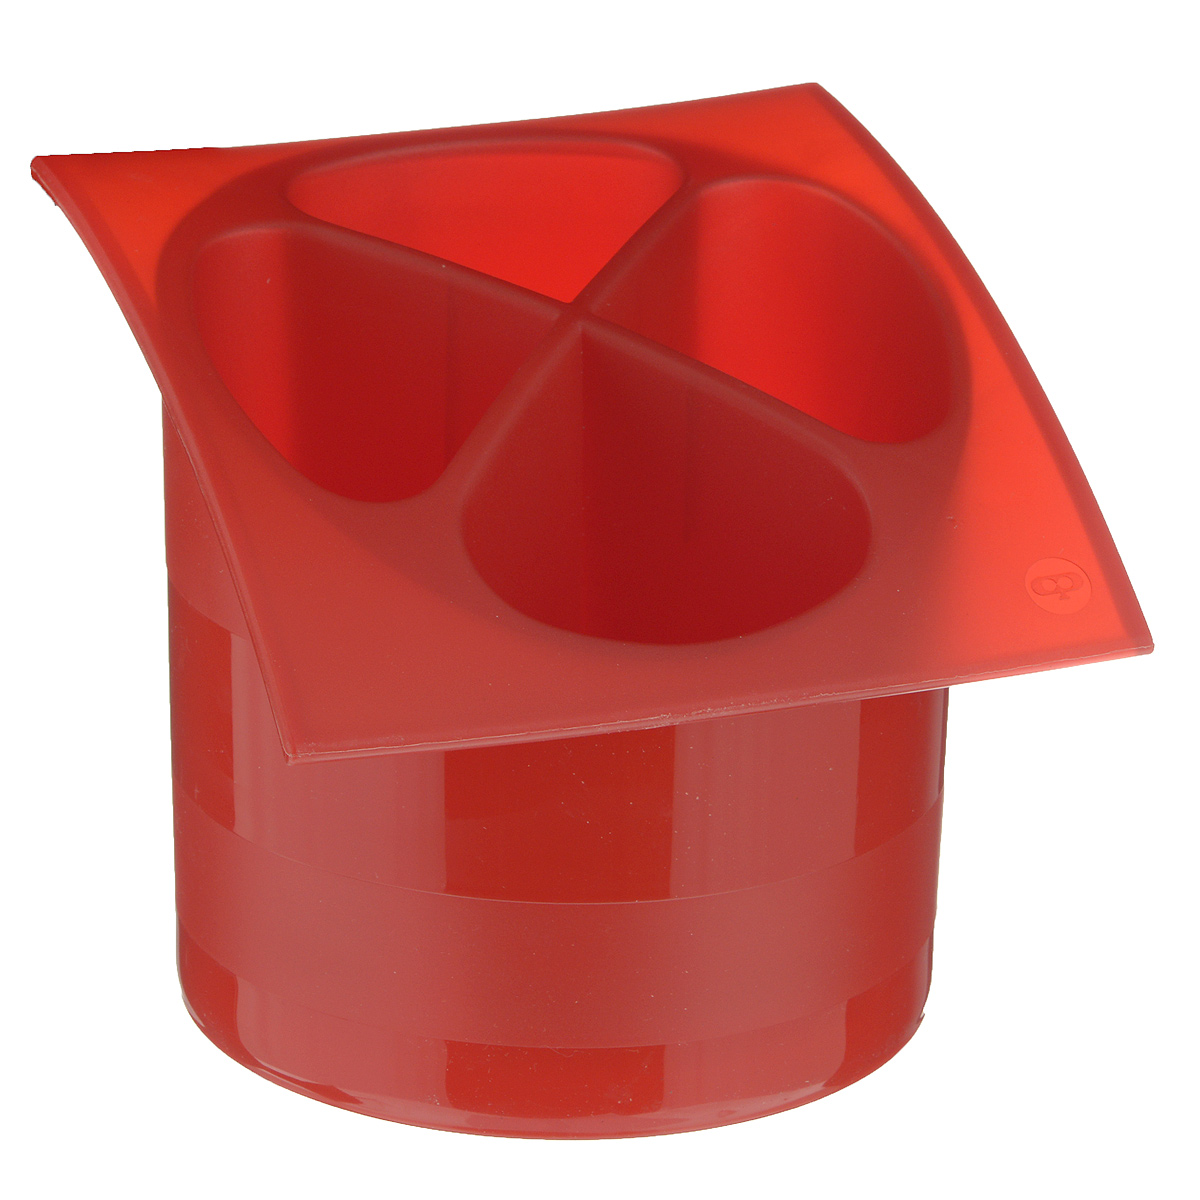 Подставка для столовых приборов Cosmoplast, цвет: красный, диаметр 14 см4630003364517Подставка для столовых приборов Cosmoplast, выполненная из высококачественного пластика, станет полезным приобретением для вашей кухни. Подставка имеет четыре отделения для разных видов столовых приборов. Дно отделений оснащено отверстиями. Подставка вставляется в емкость, предназначенную для стекания воды.Подставка Cosmoplast удобна в использовании и имеет яркий современный дизайн, который станет ярким акцентом в интерьере вашей кухни. Можно мыть в посудомоечной машине. Диаметр основания: 13,5 см. Размер подставки: 15,5 см х 16,5 см х 14,5 см.